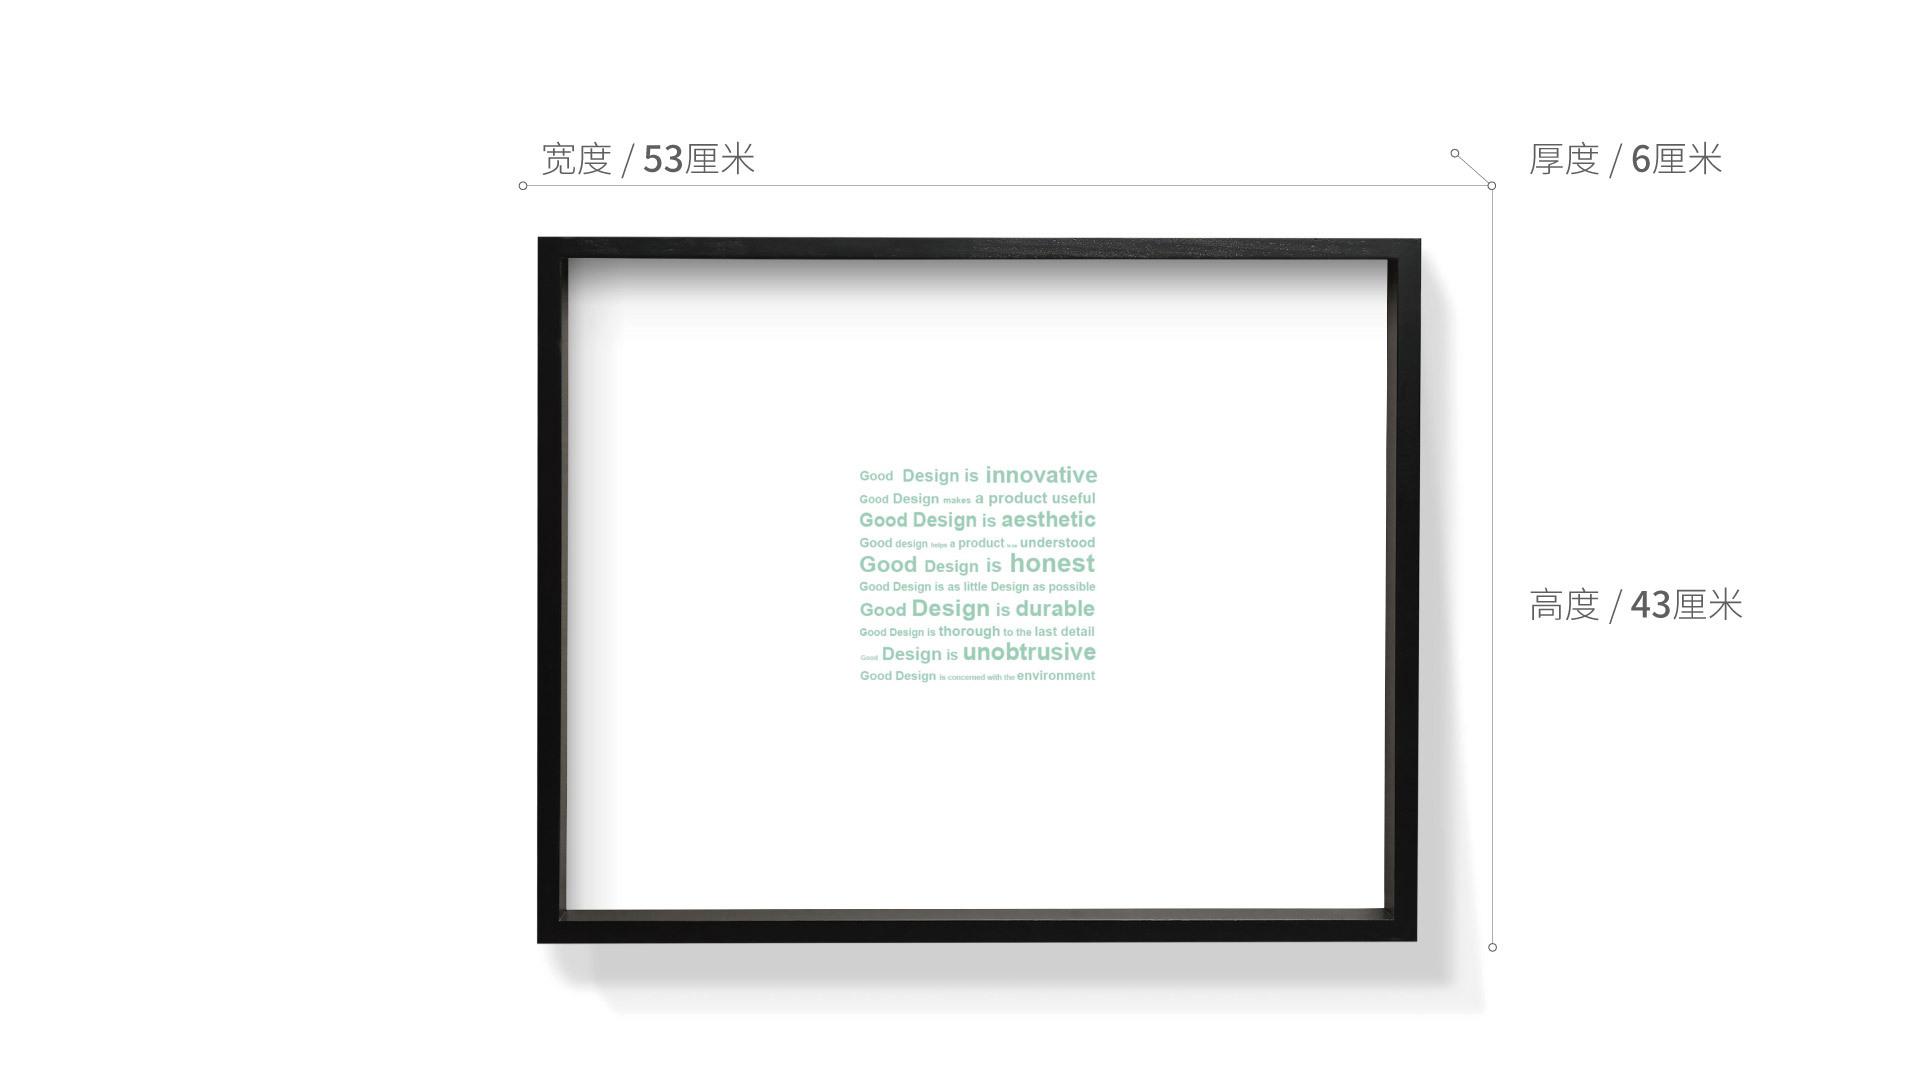 作画-英文系列之Design黑色框装饰效果图